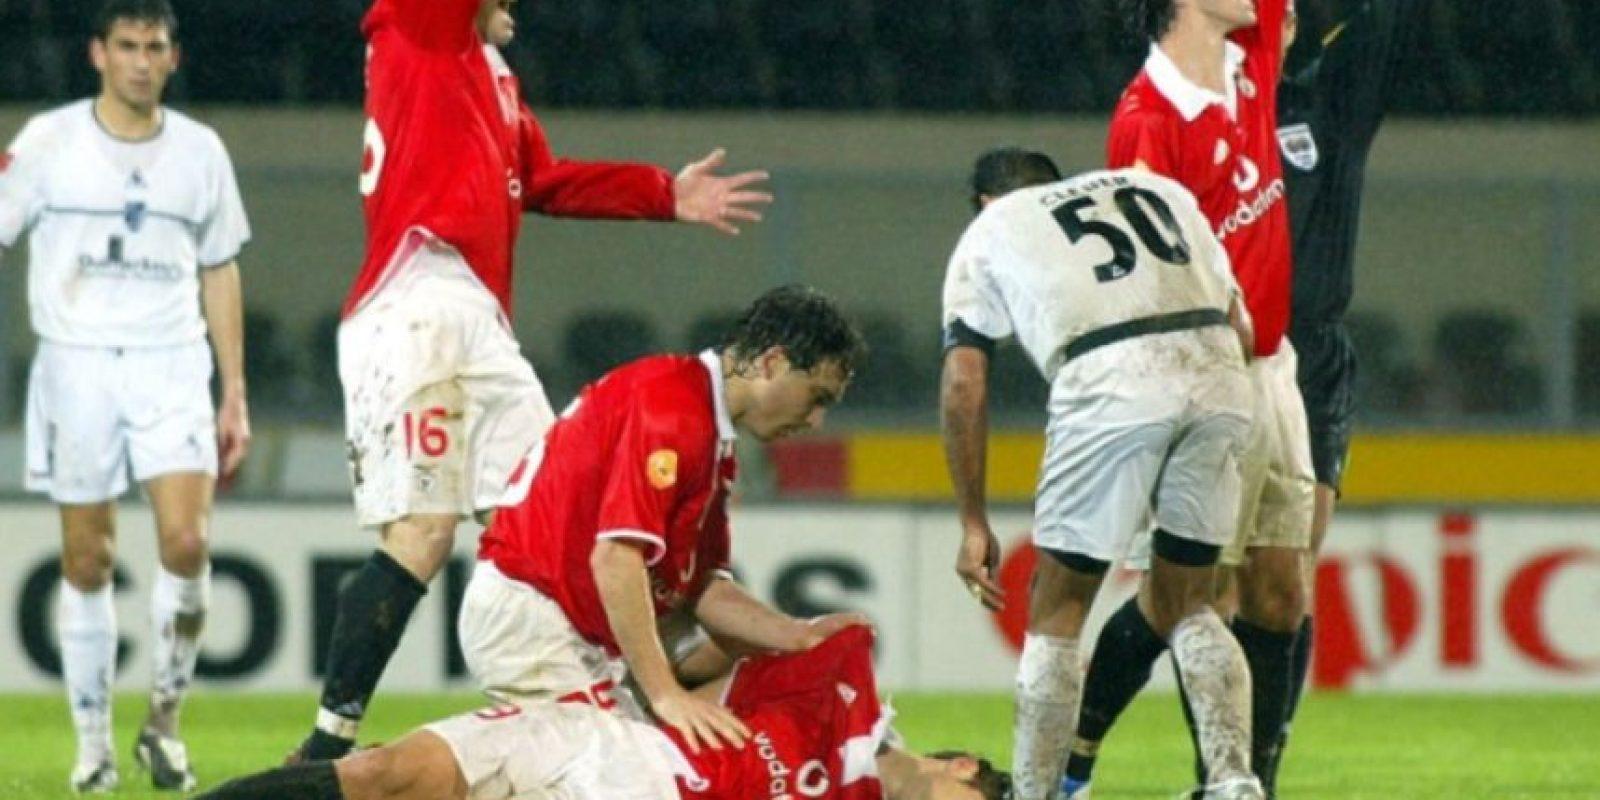 A pocos minutos del final, el delantero, de 24 años, fue amonestado, y con una sonrisa sarcástica le dio la espalda al árbitro para caminar hacia el área de su equipo. Ahí se desplomó súbitamente. Foto:Getty Images